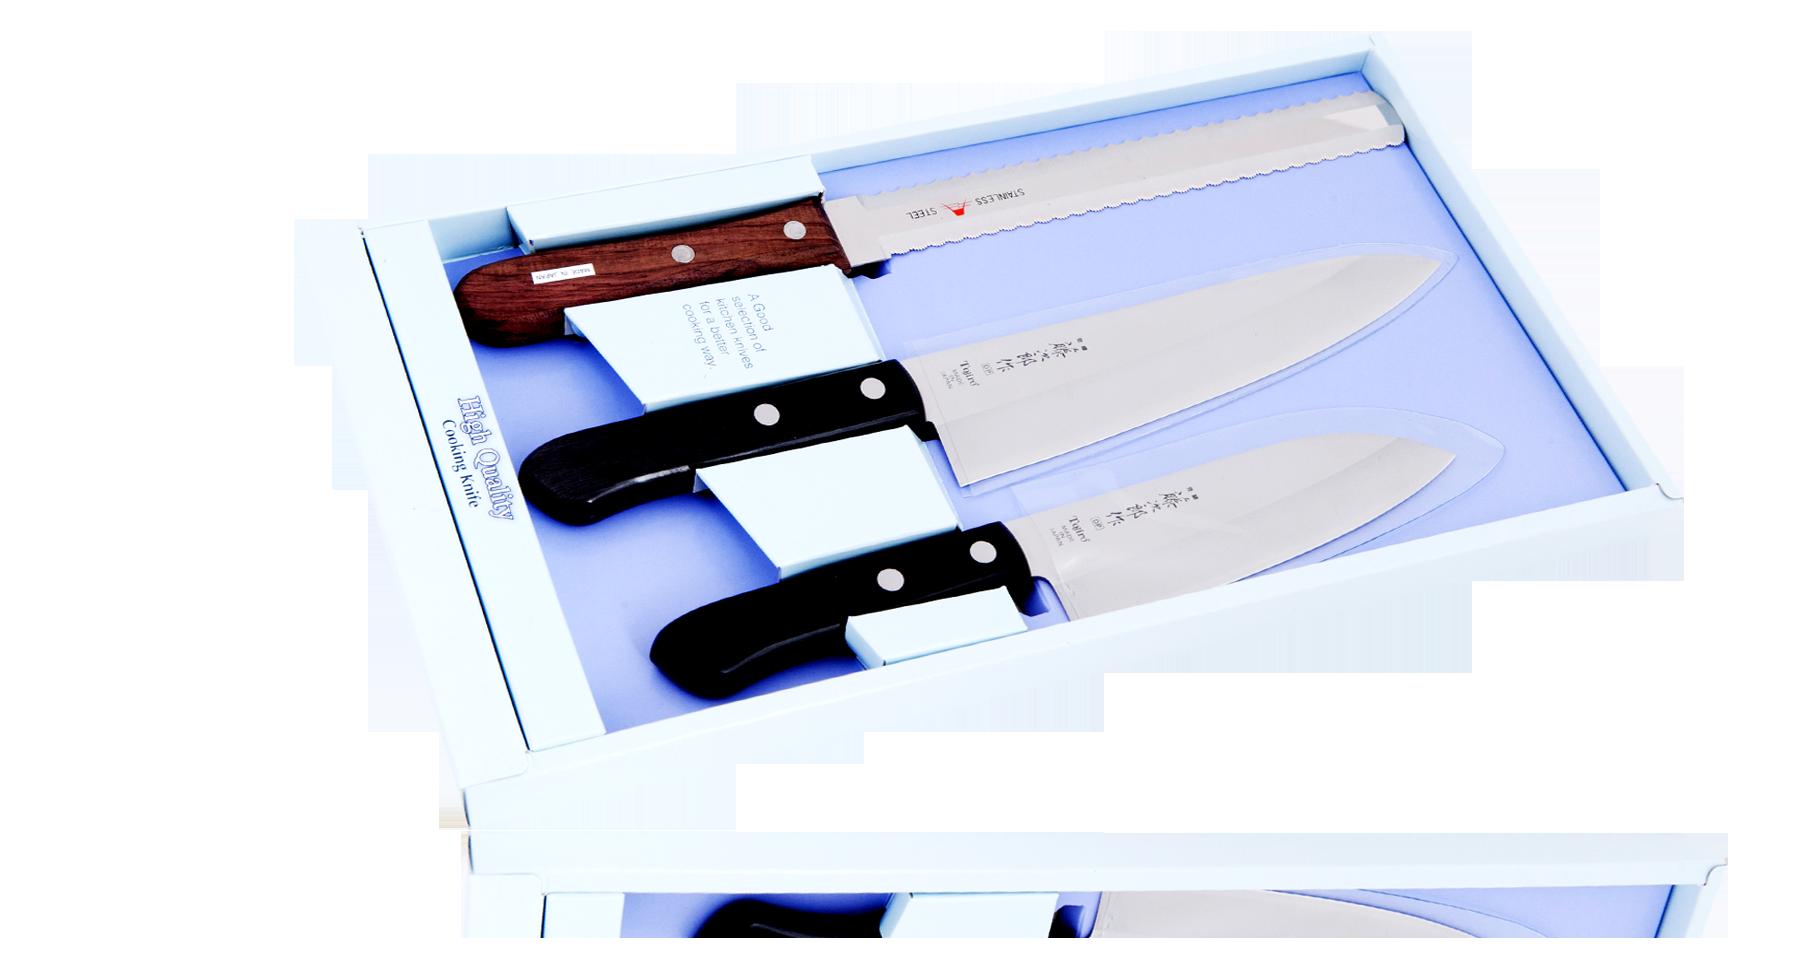 Набор ножей FG-82Наборы кухонных ножей<br>Поварской, Сантоку, для замор. пищи и костей<br>